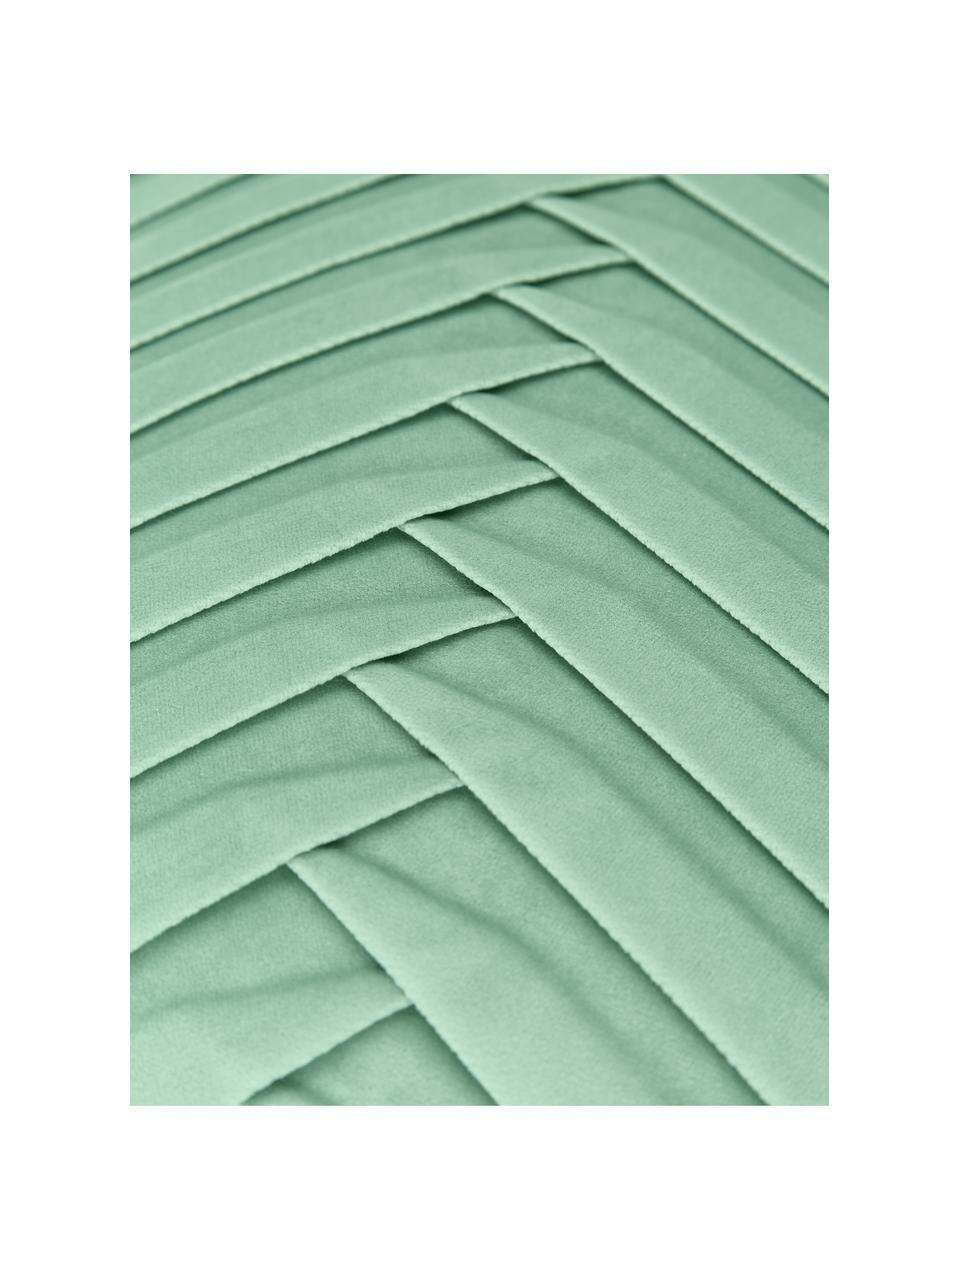 Samt-Kissenhülle Lucie in Salbeigrün mit Struktur-Oberfläche, 100% Samt (Polyester) Bitte berücksichtigen Sie, dass Samt je nach Lichteinfall und Streichrichtung farblich heller oder kräftiger erscheint, Salbeigrün, 45 x 45 cm